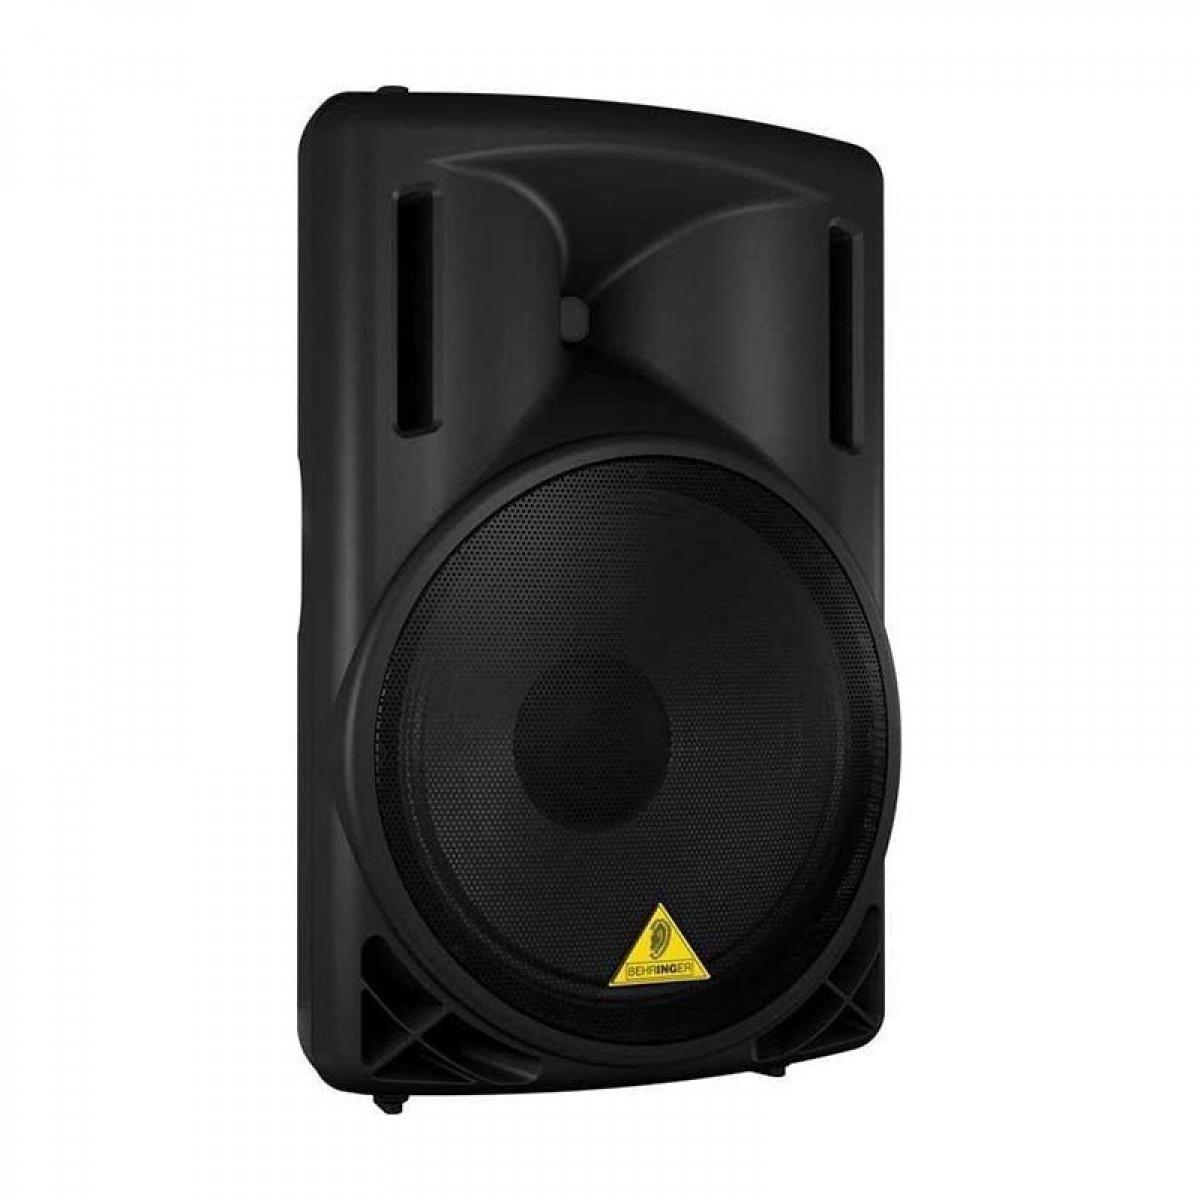 Günlük Kiralık Pratik Ses Sistemi - 1 ad. 1000w 12inç Aktif Hoparlör